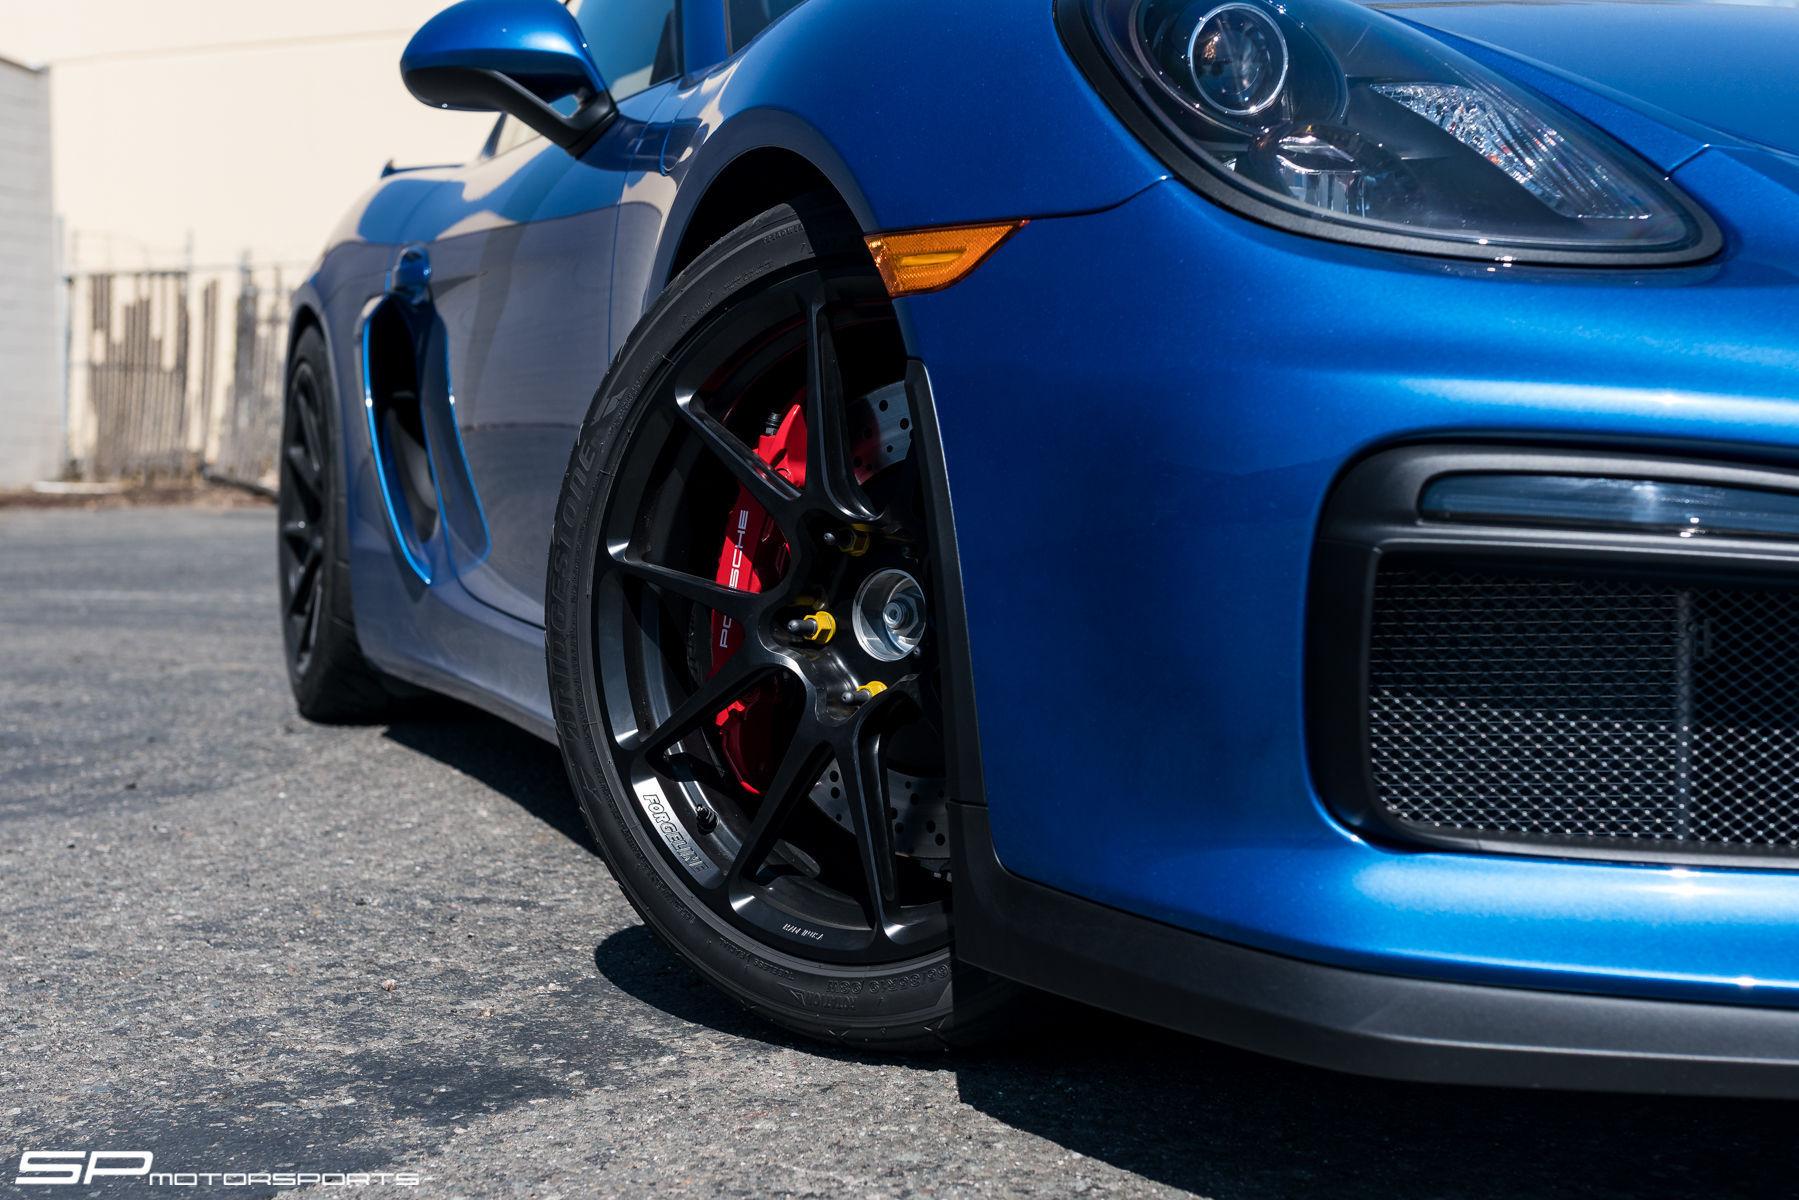 2016 Porsche Cayman | Sapphire Blue Porsche Cayman GT4 on Satin Black Forgeline One Piece Forged Monoblock GS1R Wheels